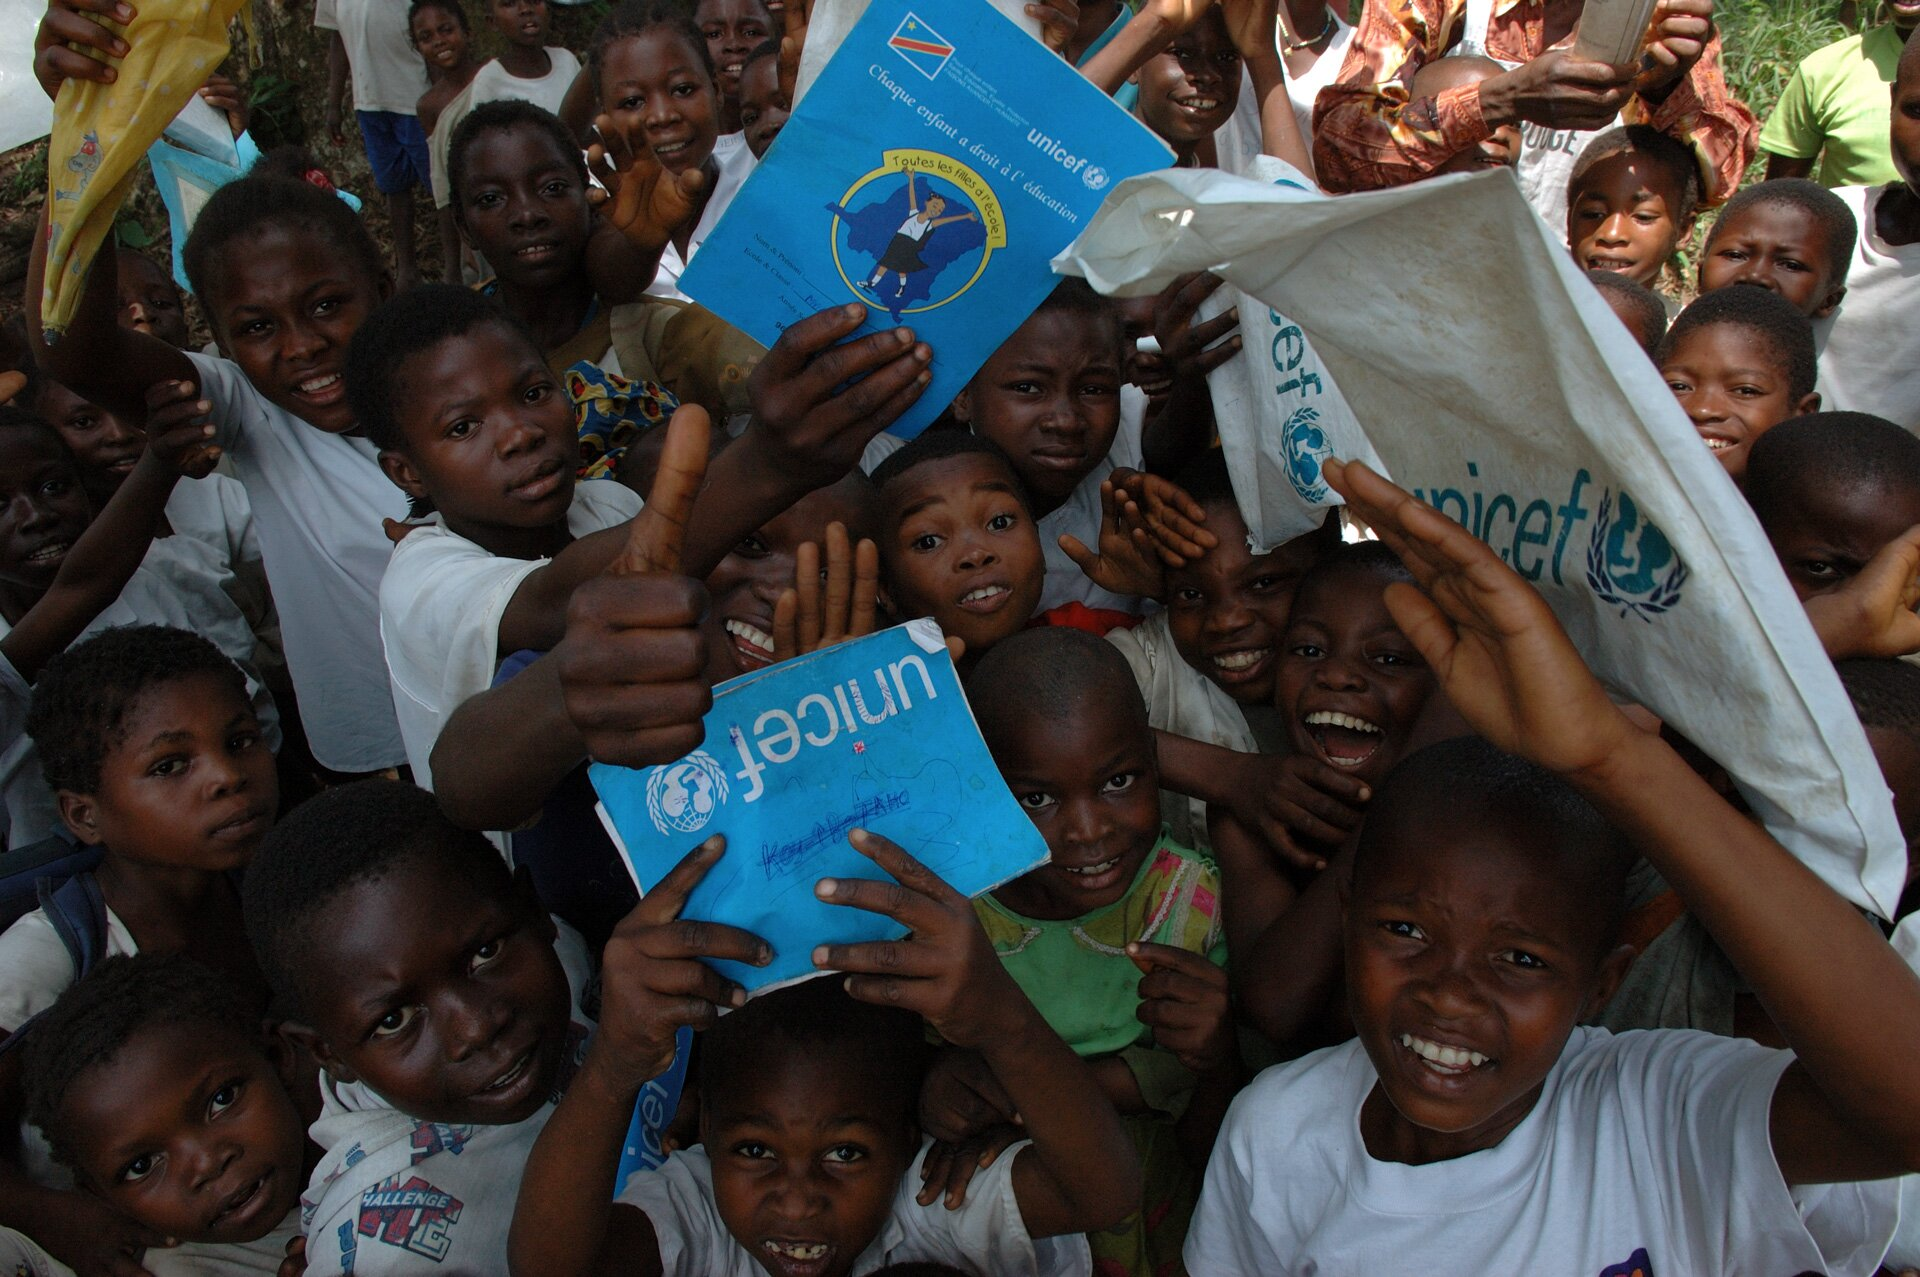 Dzieci objęte programem UNICEF:Powrót do szkoły